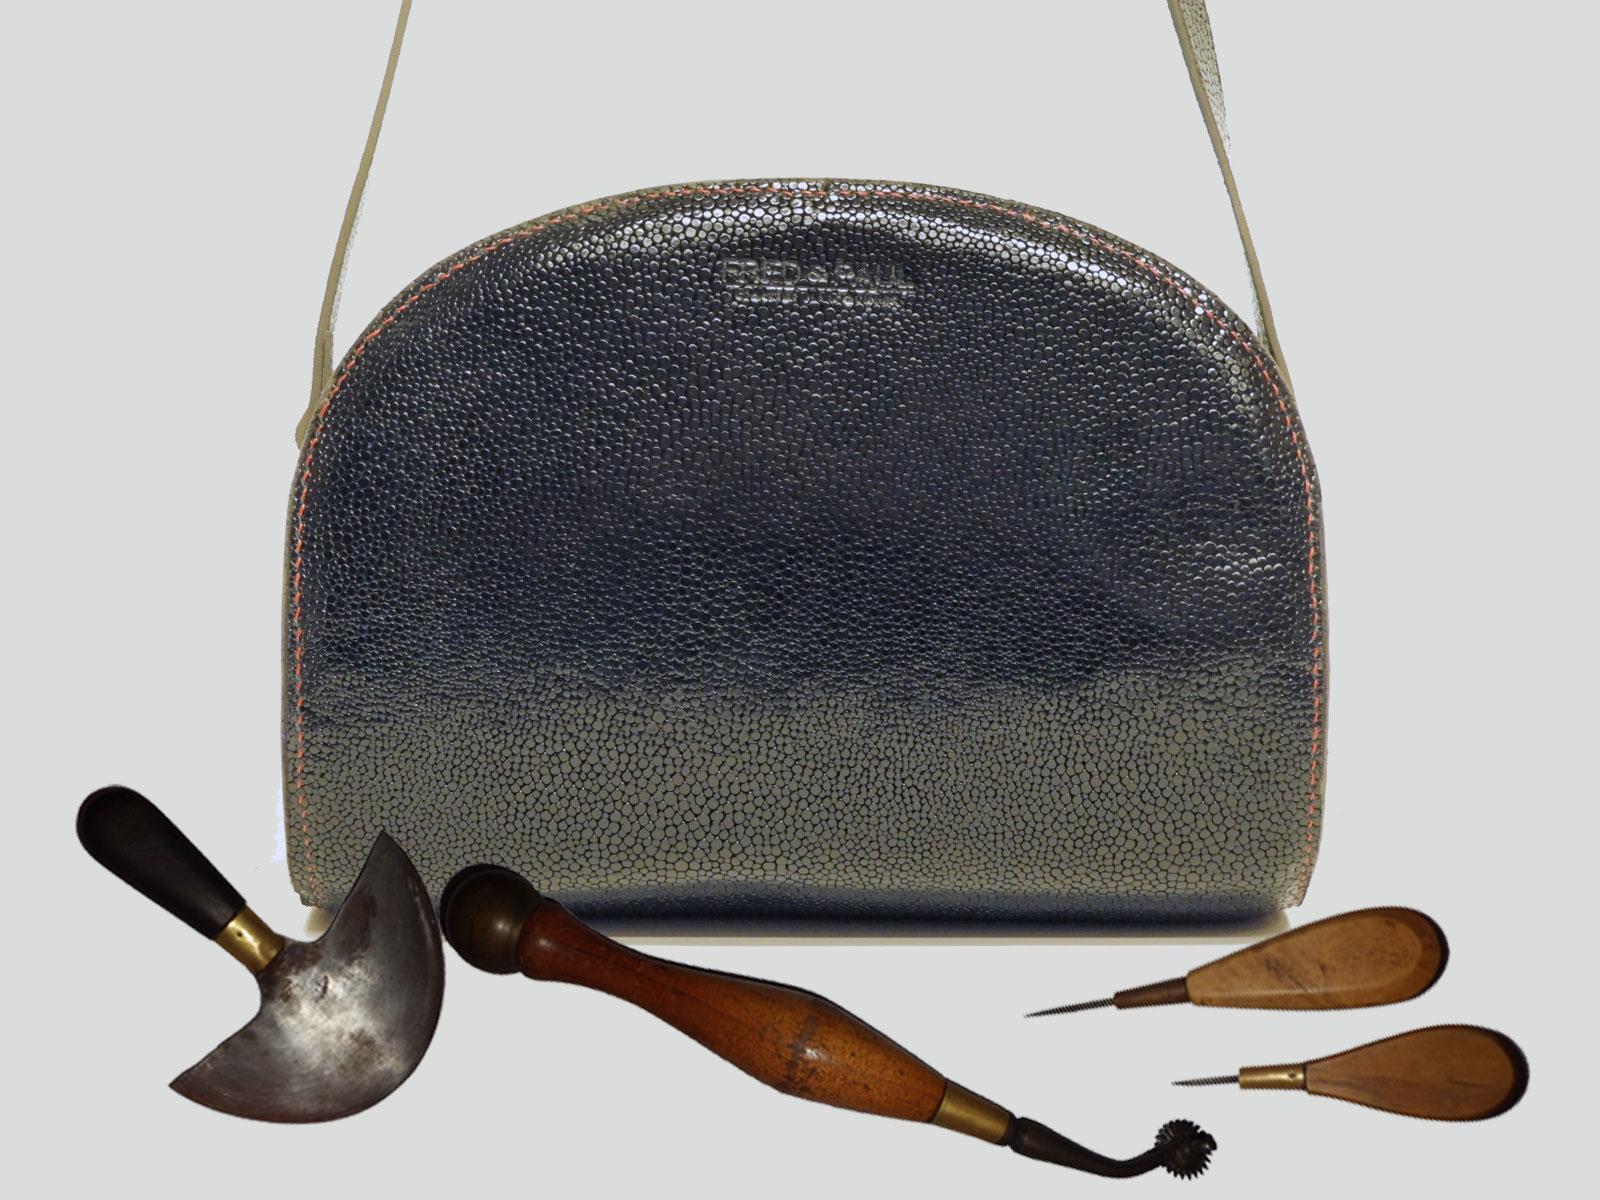 LABRADOR, sac porté croisé ou épaule en cuir de veau noir satiné grainé caviar